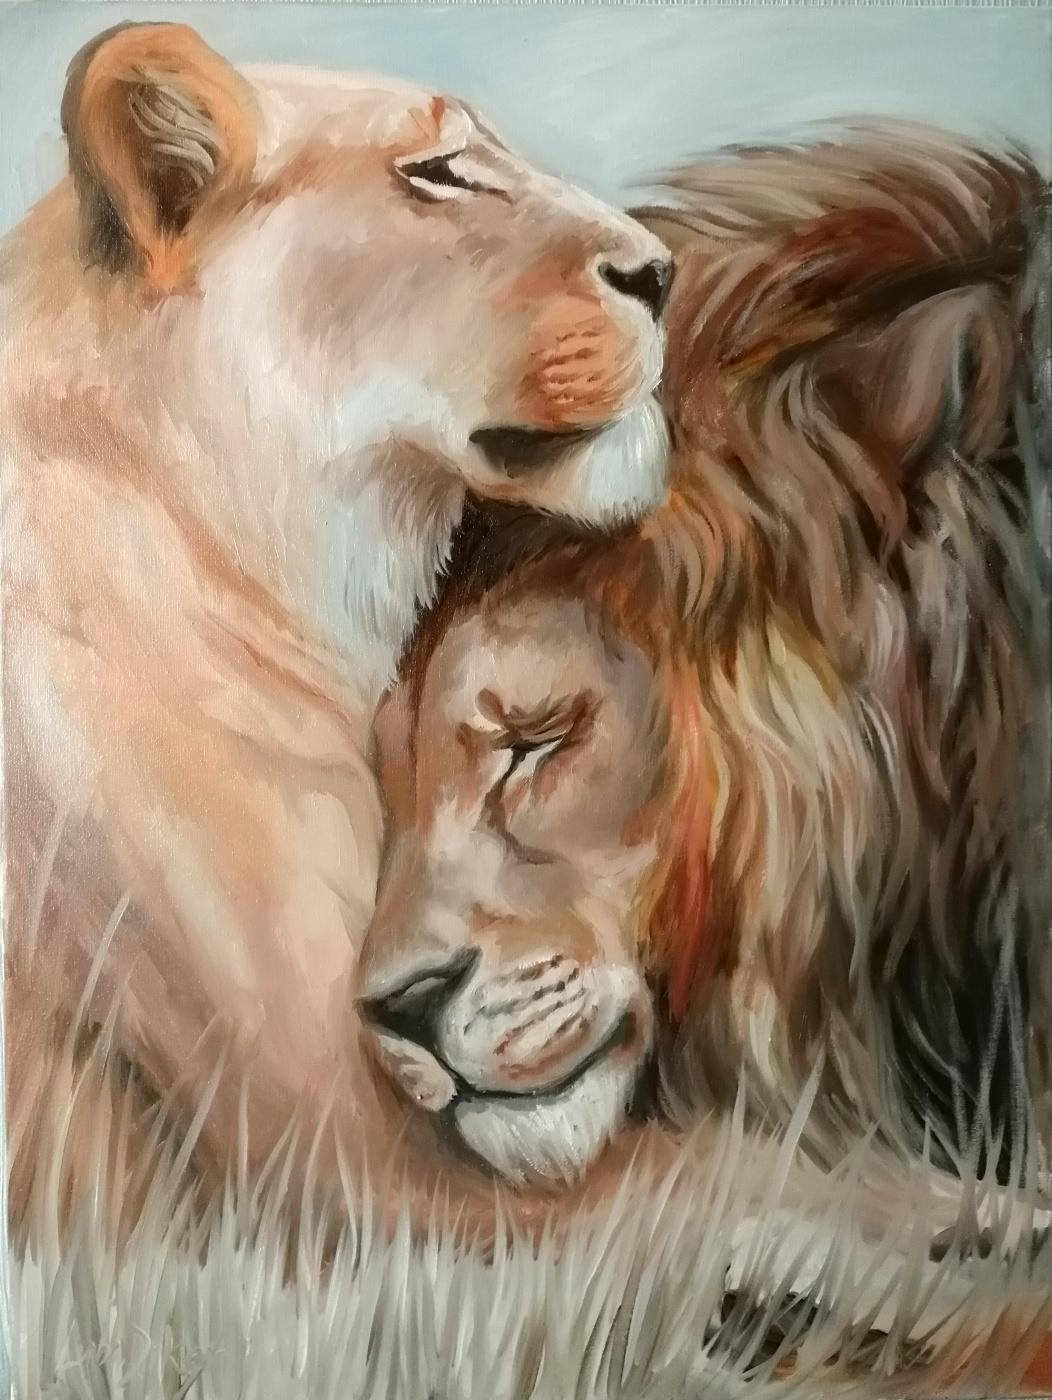 Lyuba Diker. Lions in love